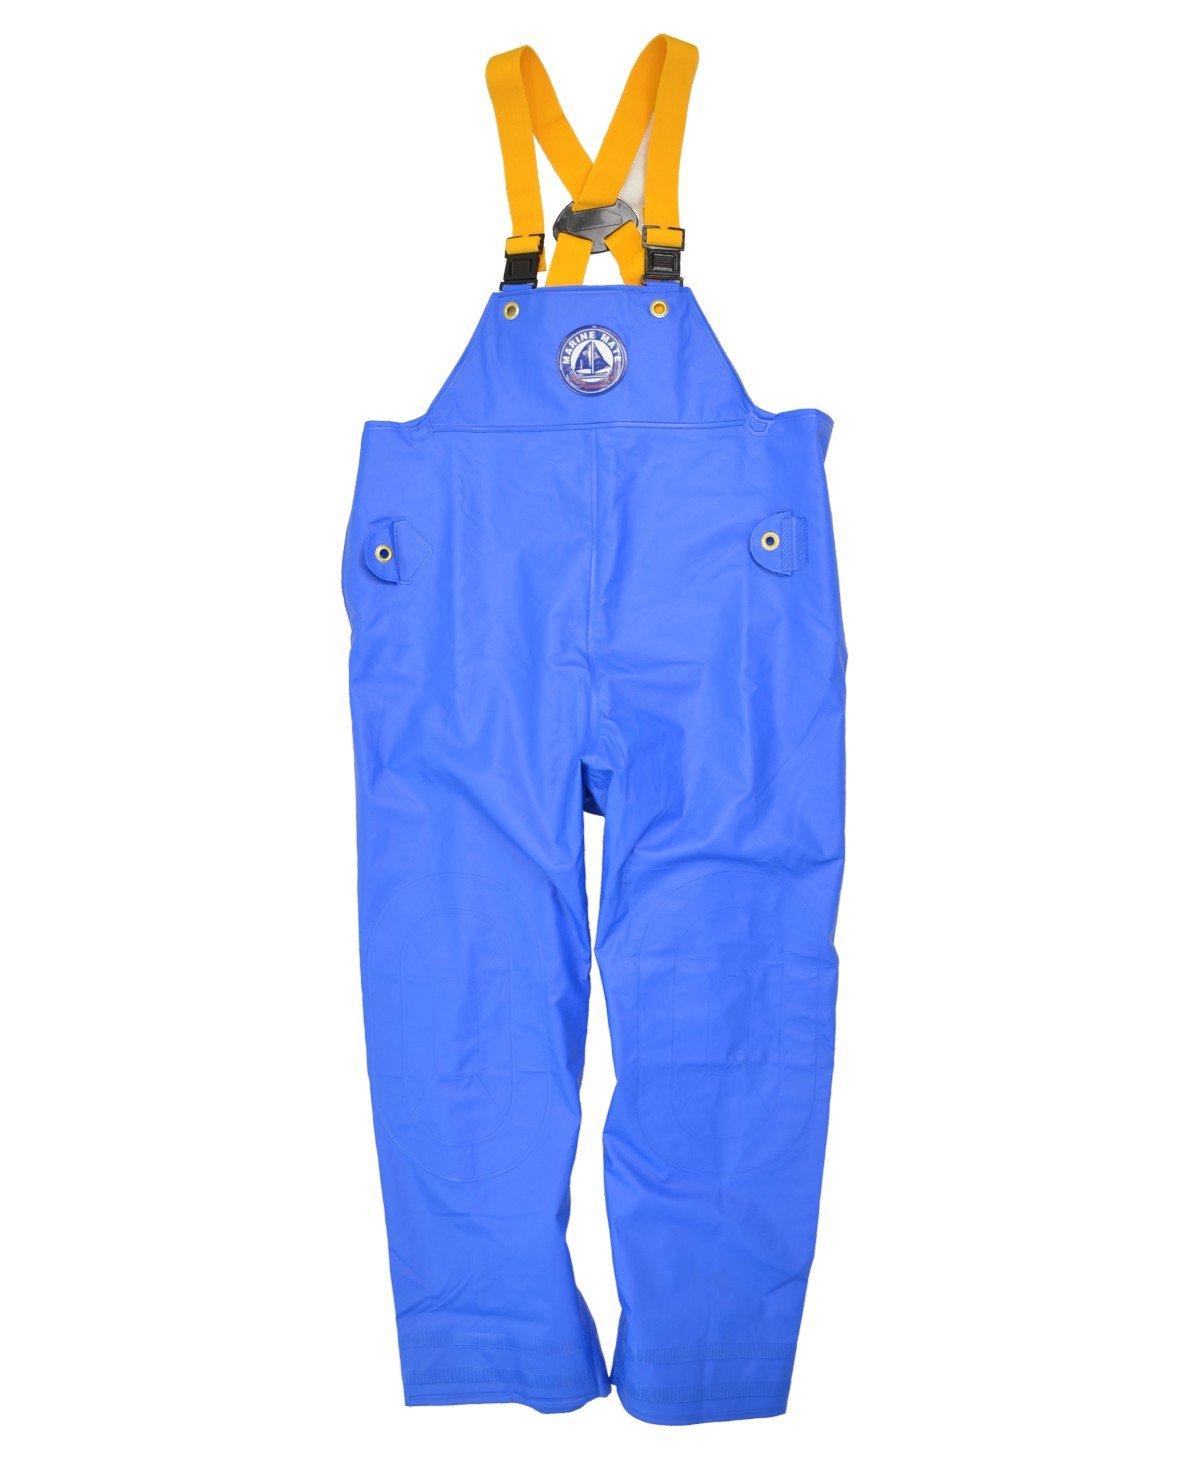 「マリンメイト」PVCマリンウェアサロペットパンツ【上下別売】/F9035S/ B00P1YG4BE LL(身長:170-180cmW91cm)|ブルー ブルー LL(身長:170-180cmW91cm)